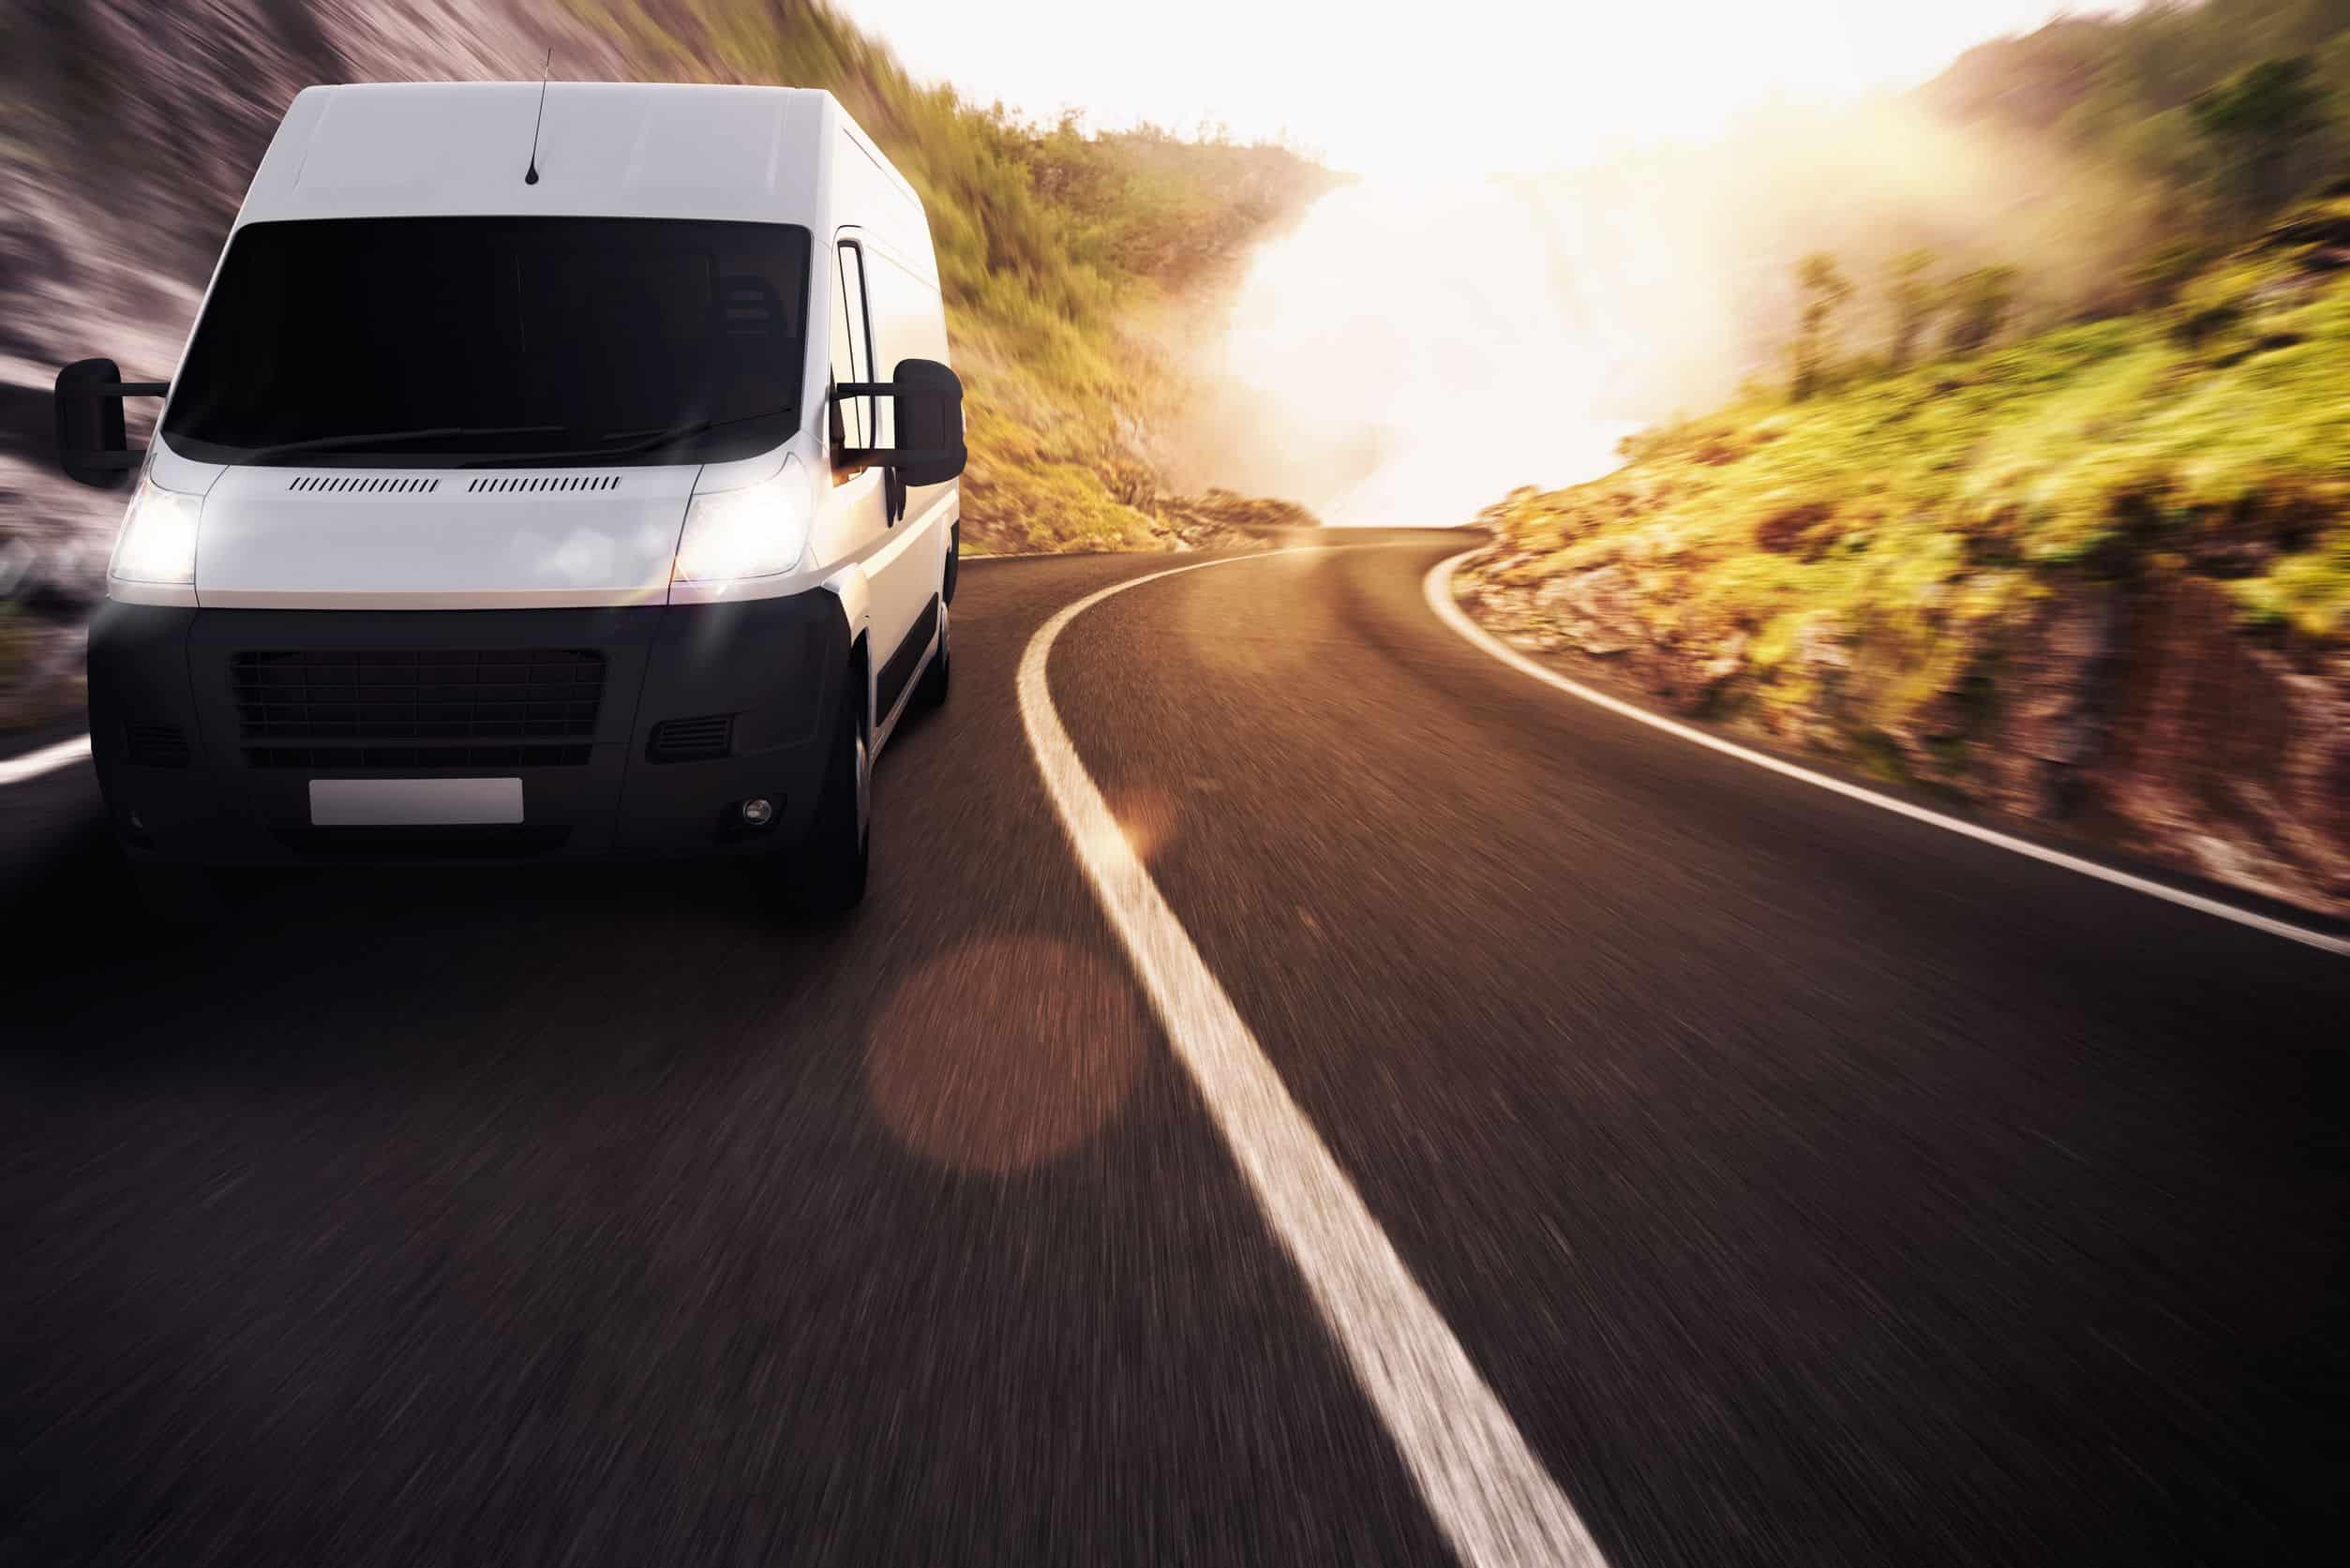 ¿Pensando como hacer la mudanza de tu casa? Alquiler de furgonetas para mudanza en Toledo